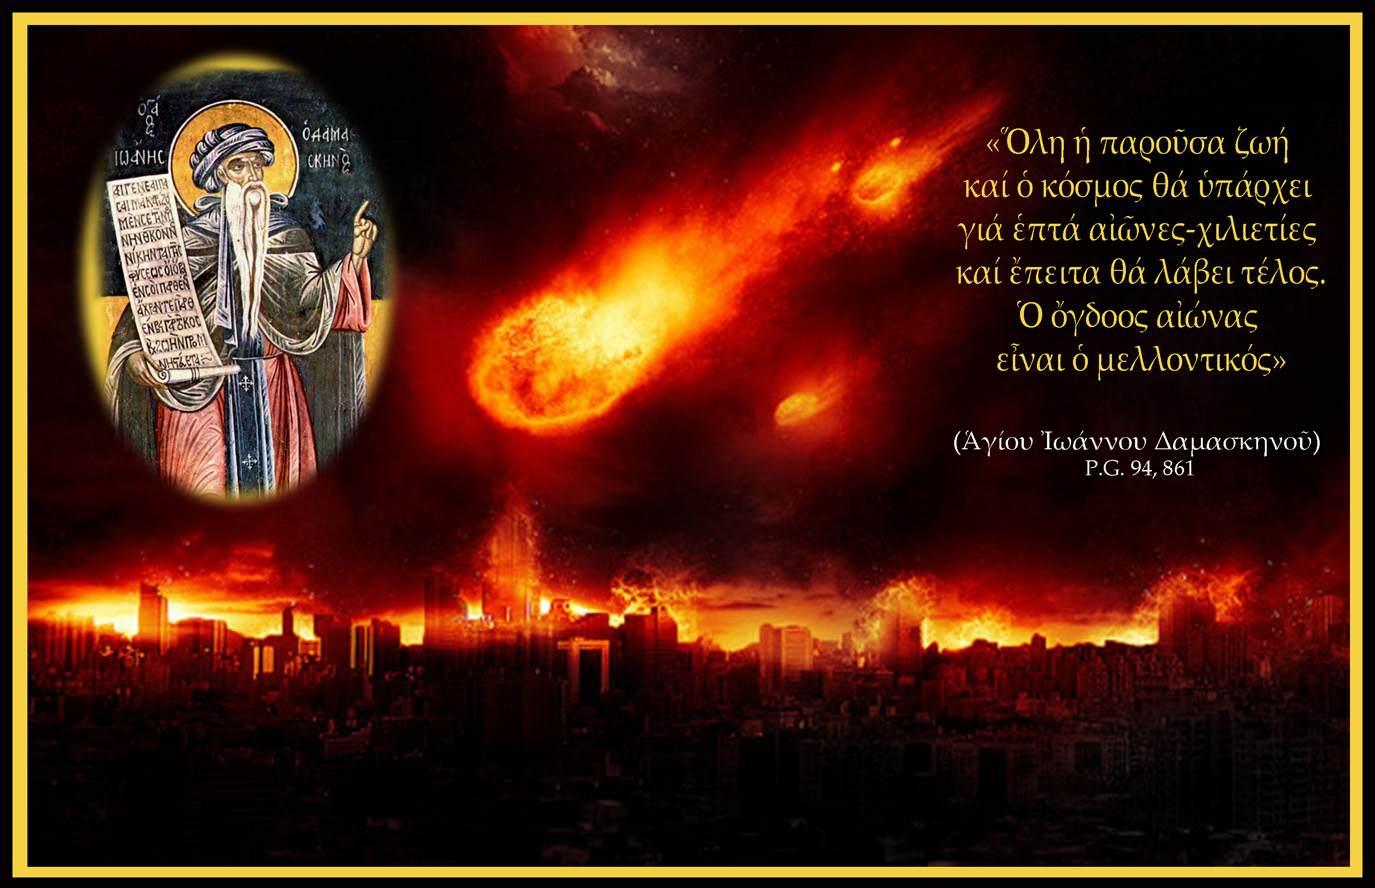 Ἁγίου Ἰωάννου τοῦ Δαμασκηνοῦ ~ Λόγος ψυχωφελής καί θαυμάσιος